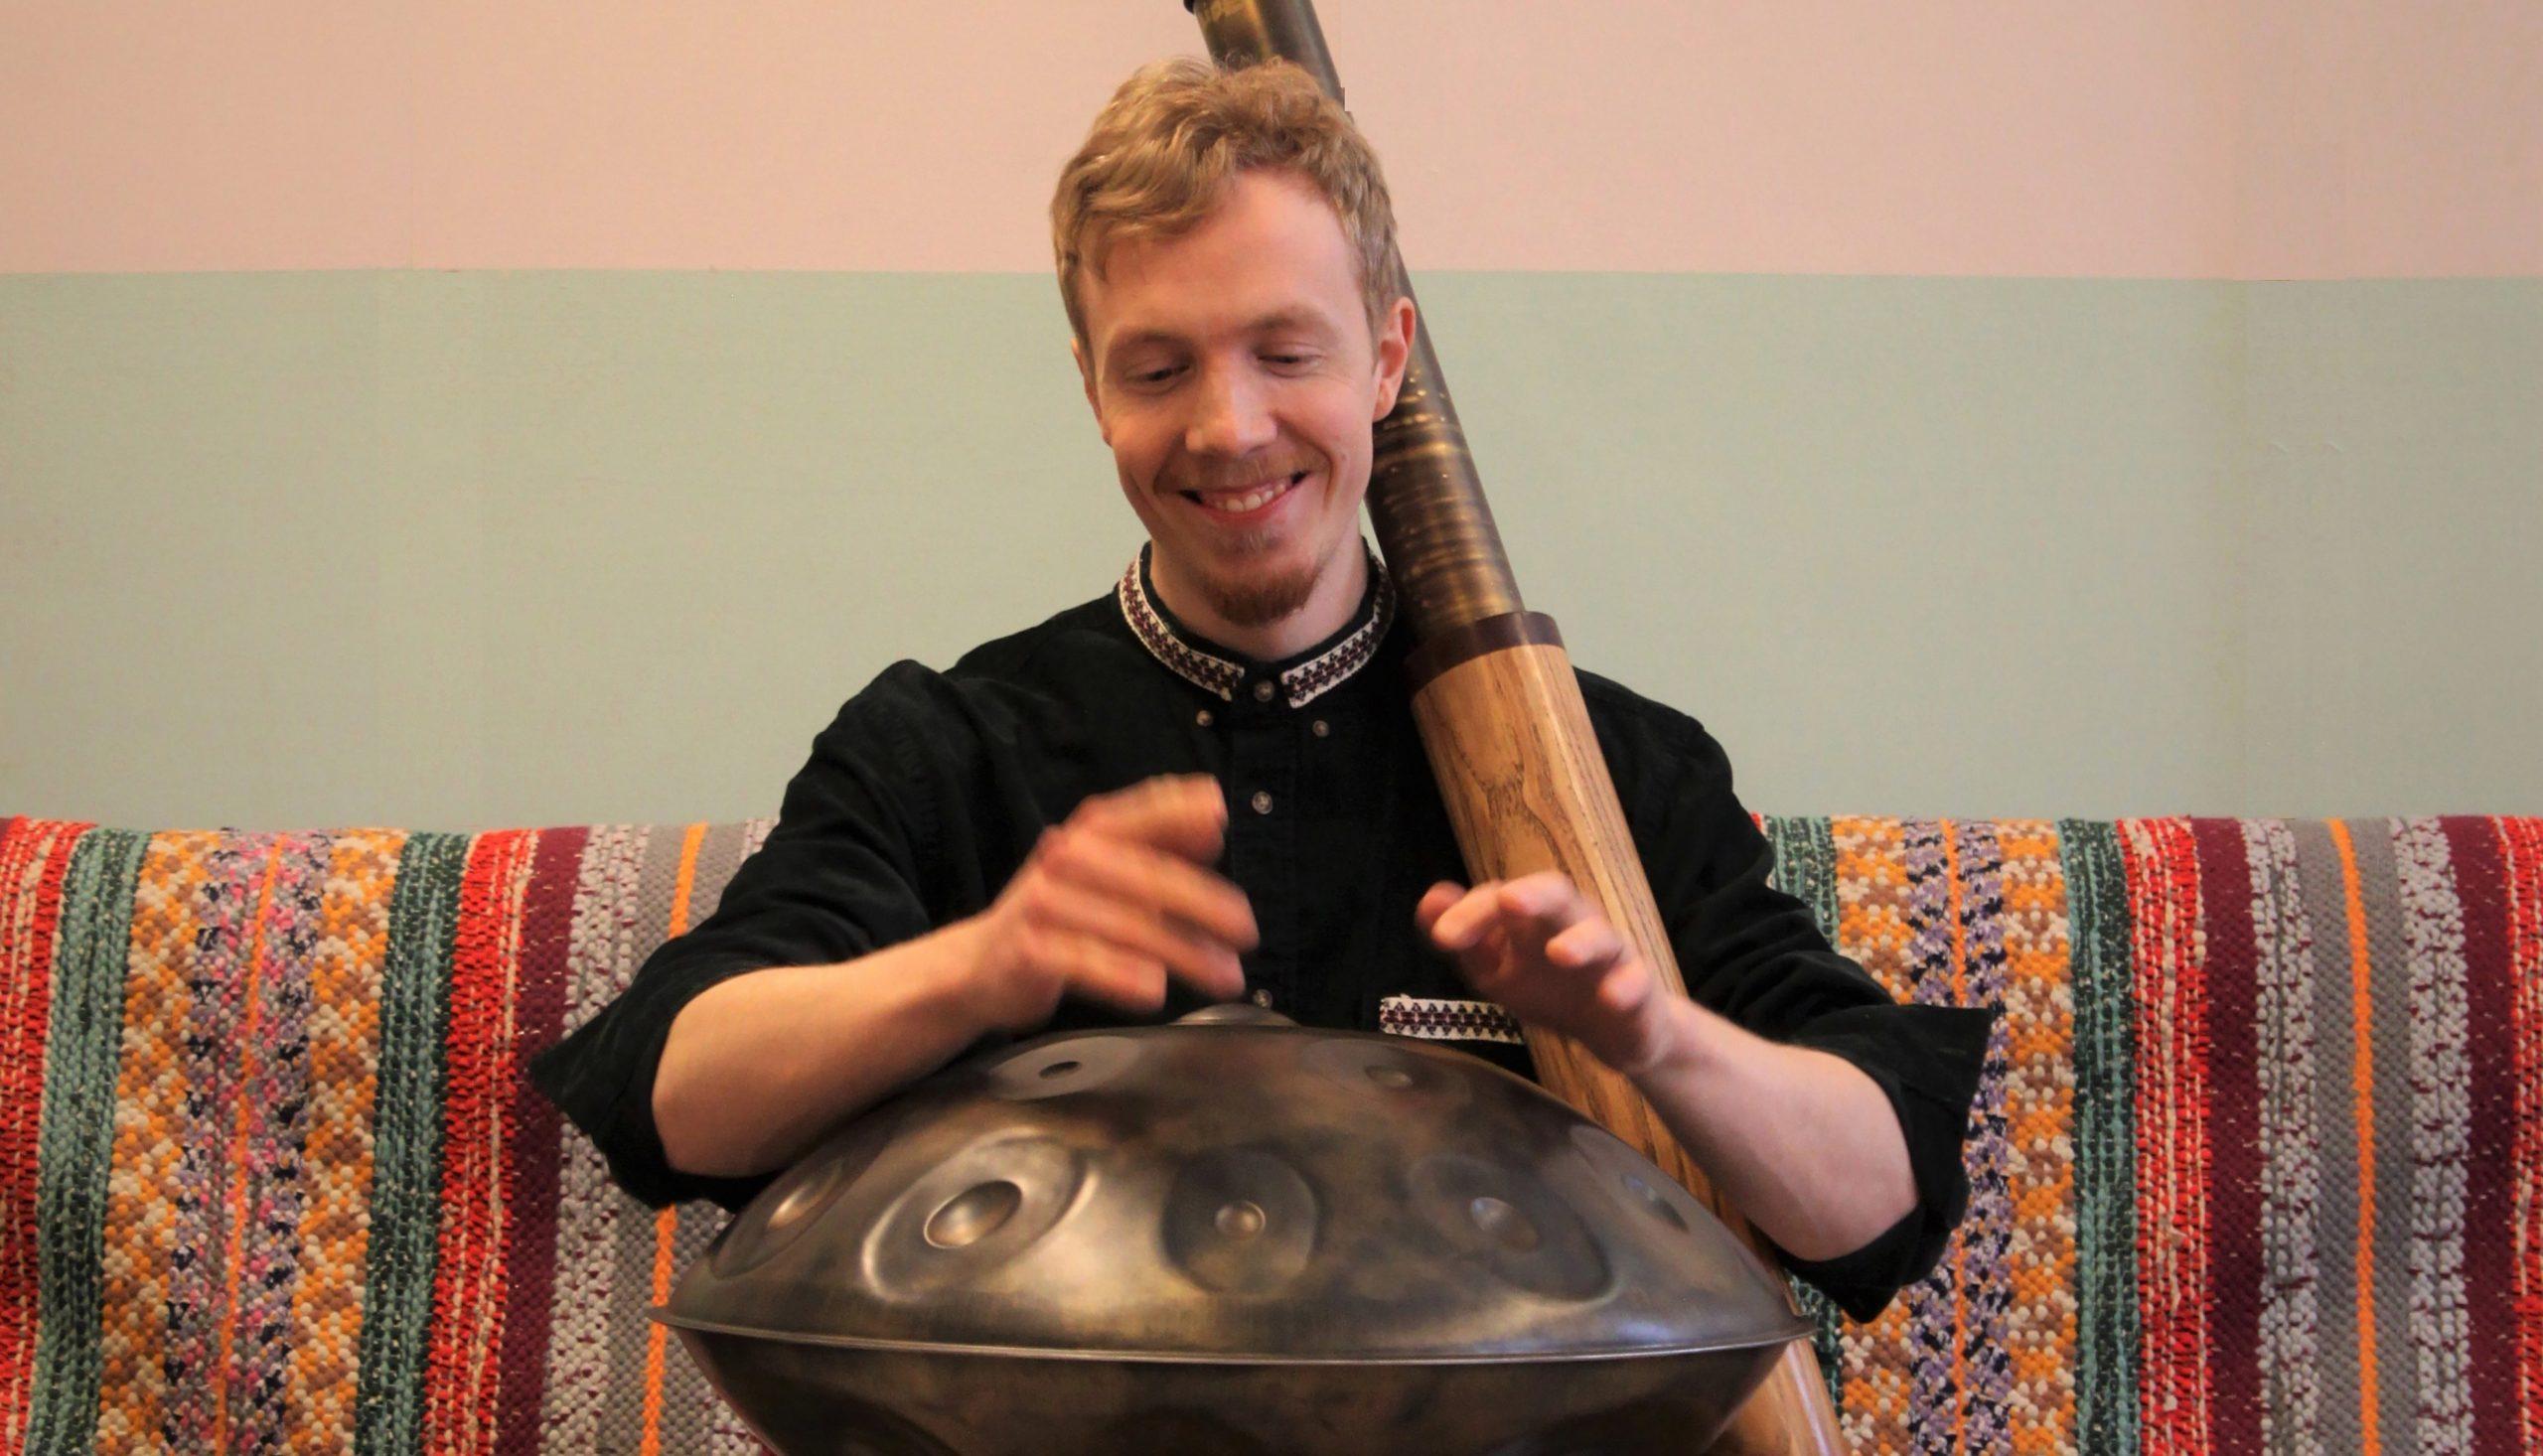 Kuvassa Julius Ranta soittaa hymyillen handpan-soitinta.